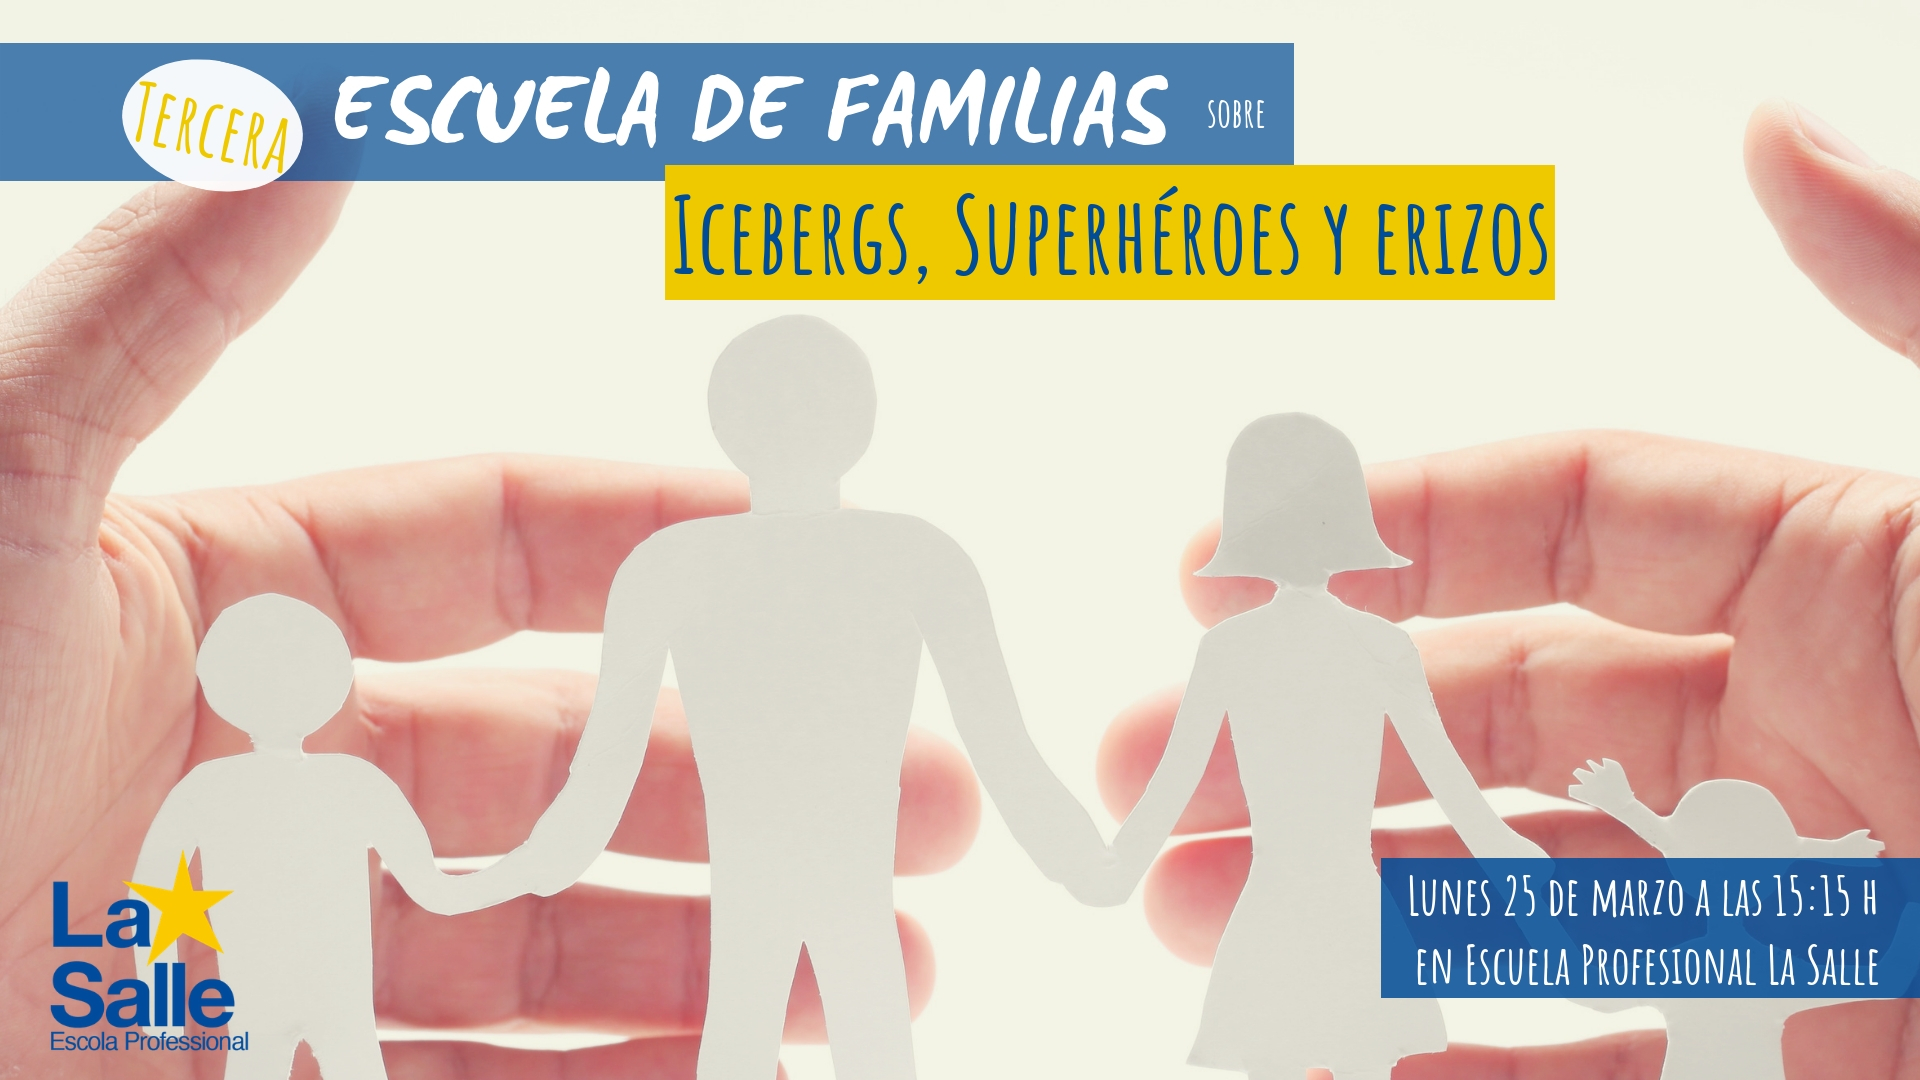 La Escuela Profesional La Salle celebra la tercera Escuela de Familias el lunes